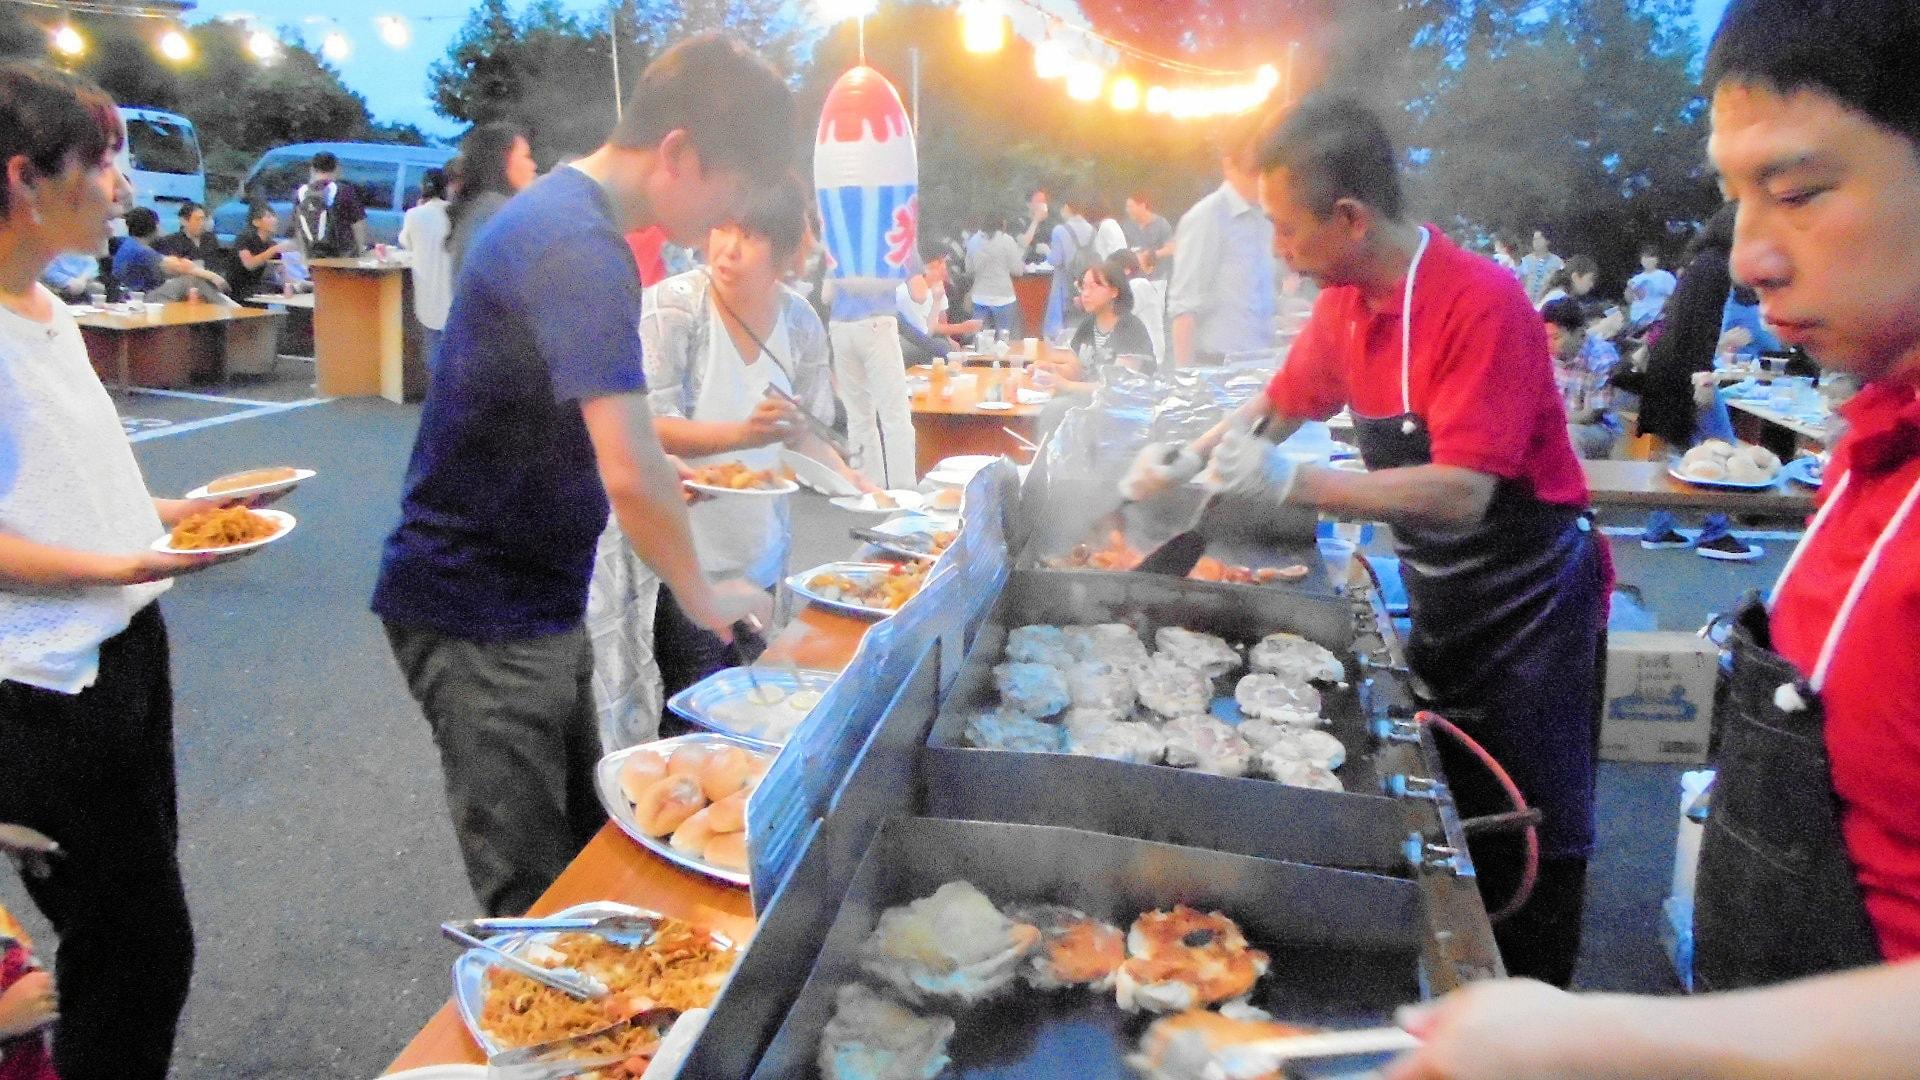 出張ケータリング屋台バーベキュー懇親会・親睦会パーティー鉄板焼き料理プラン #1